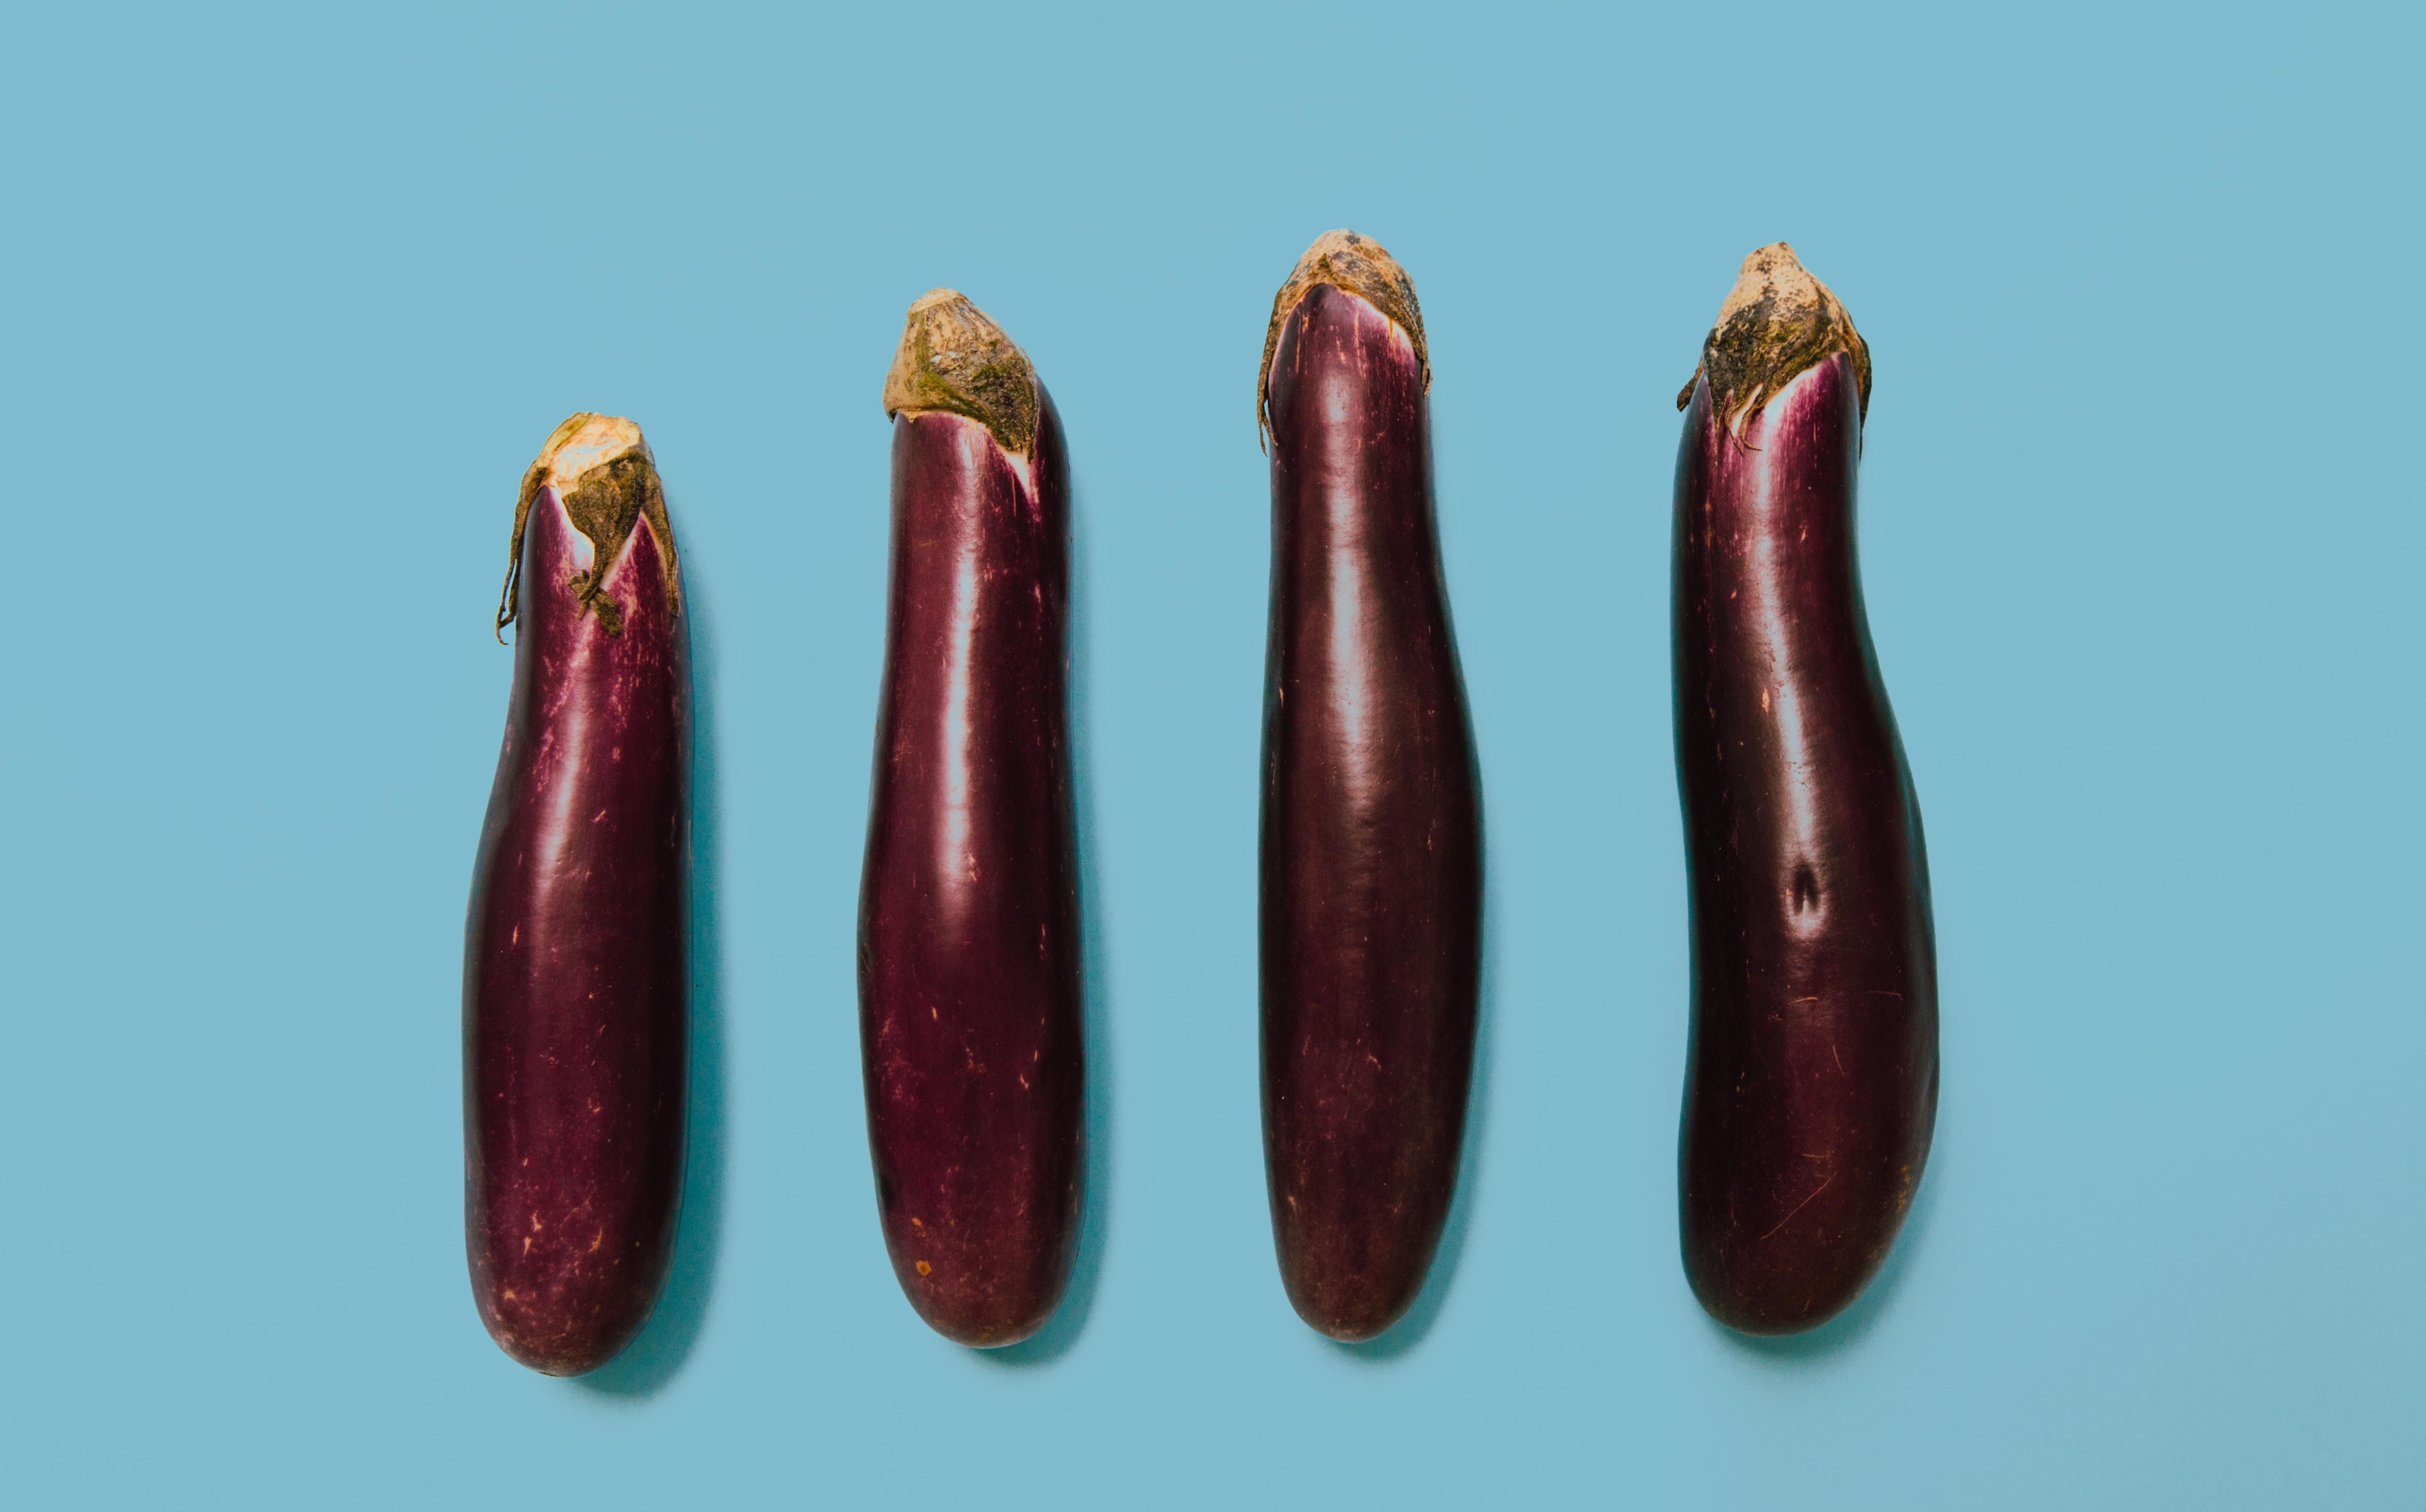 cum să ajute cu o erecție slabă propionat de testosteron în penis